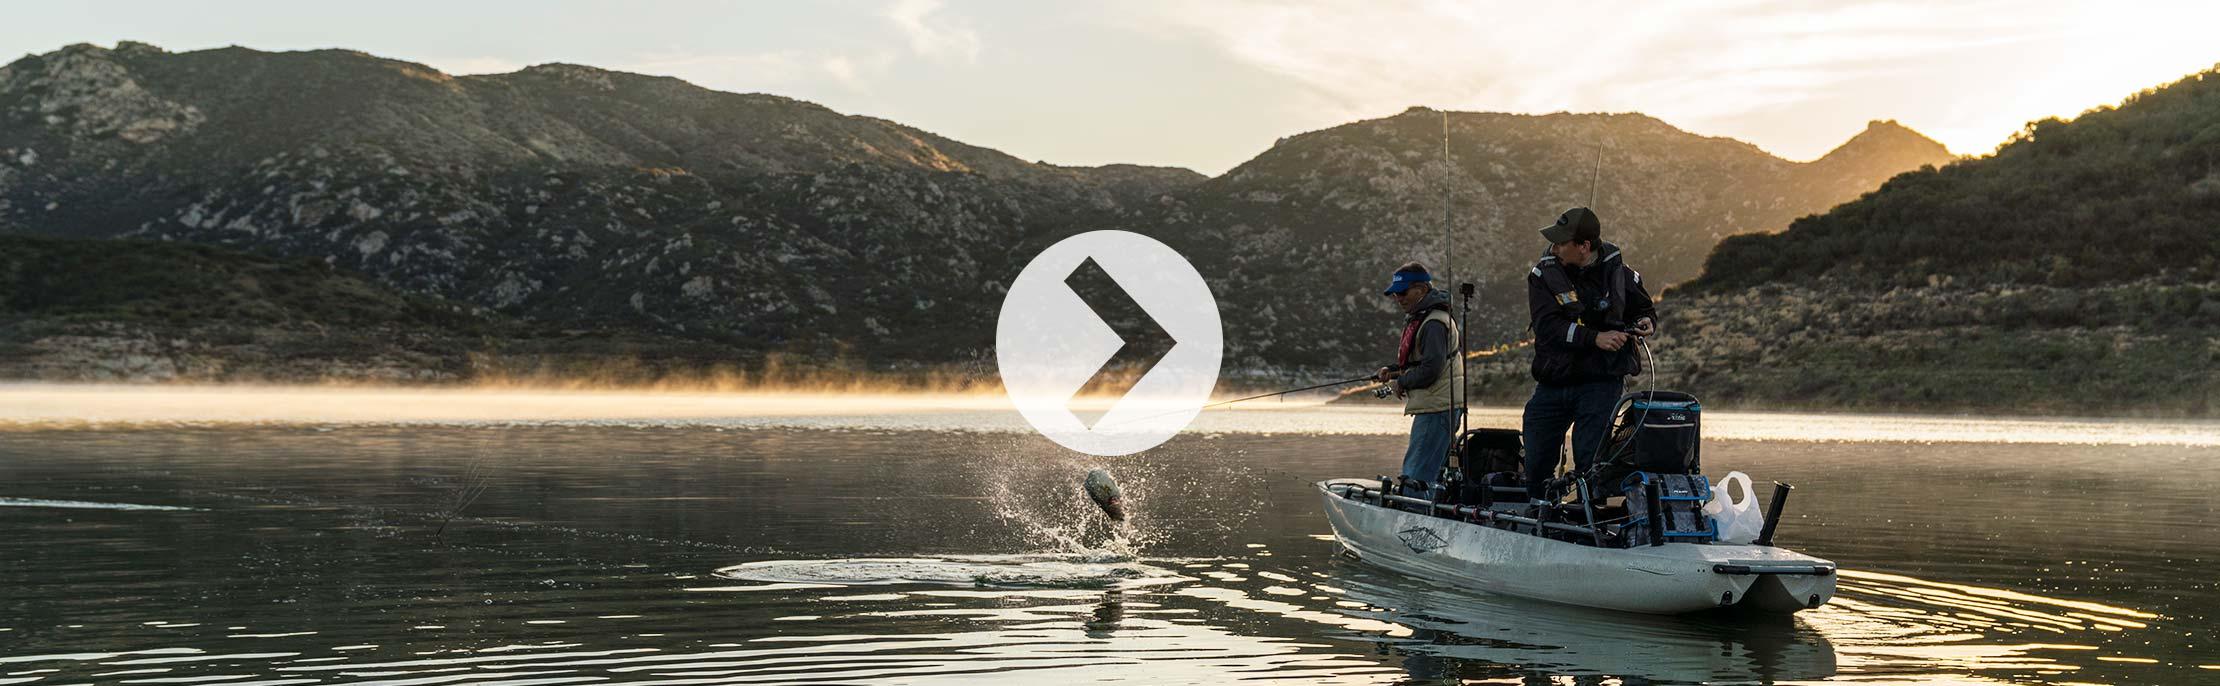 Mirage Pro Angler 17T Spotlight Video